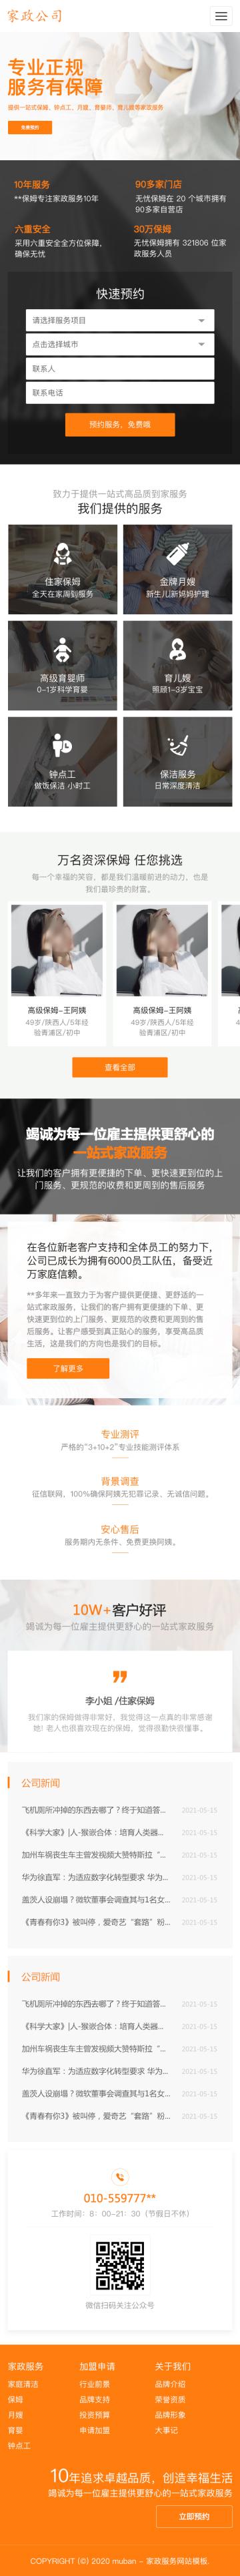 简洁家政公司手机网站模板